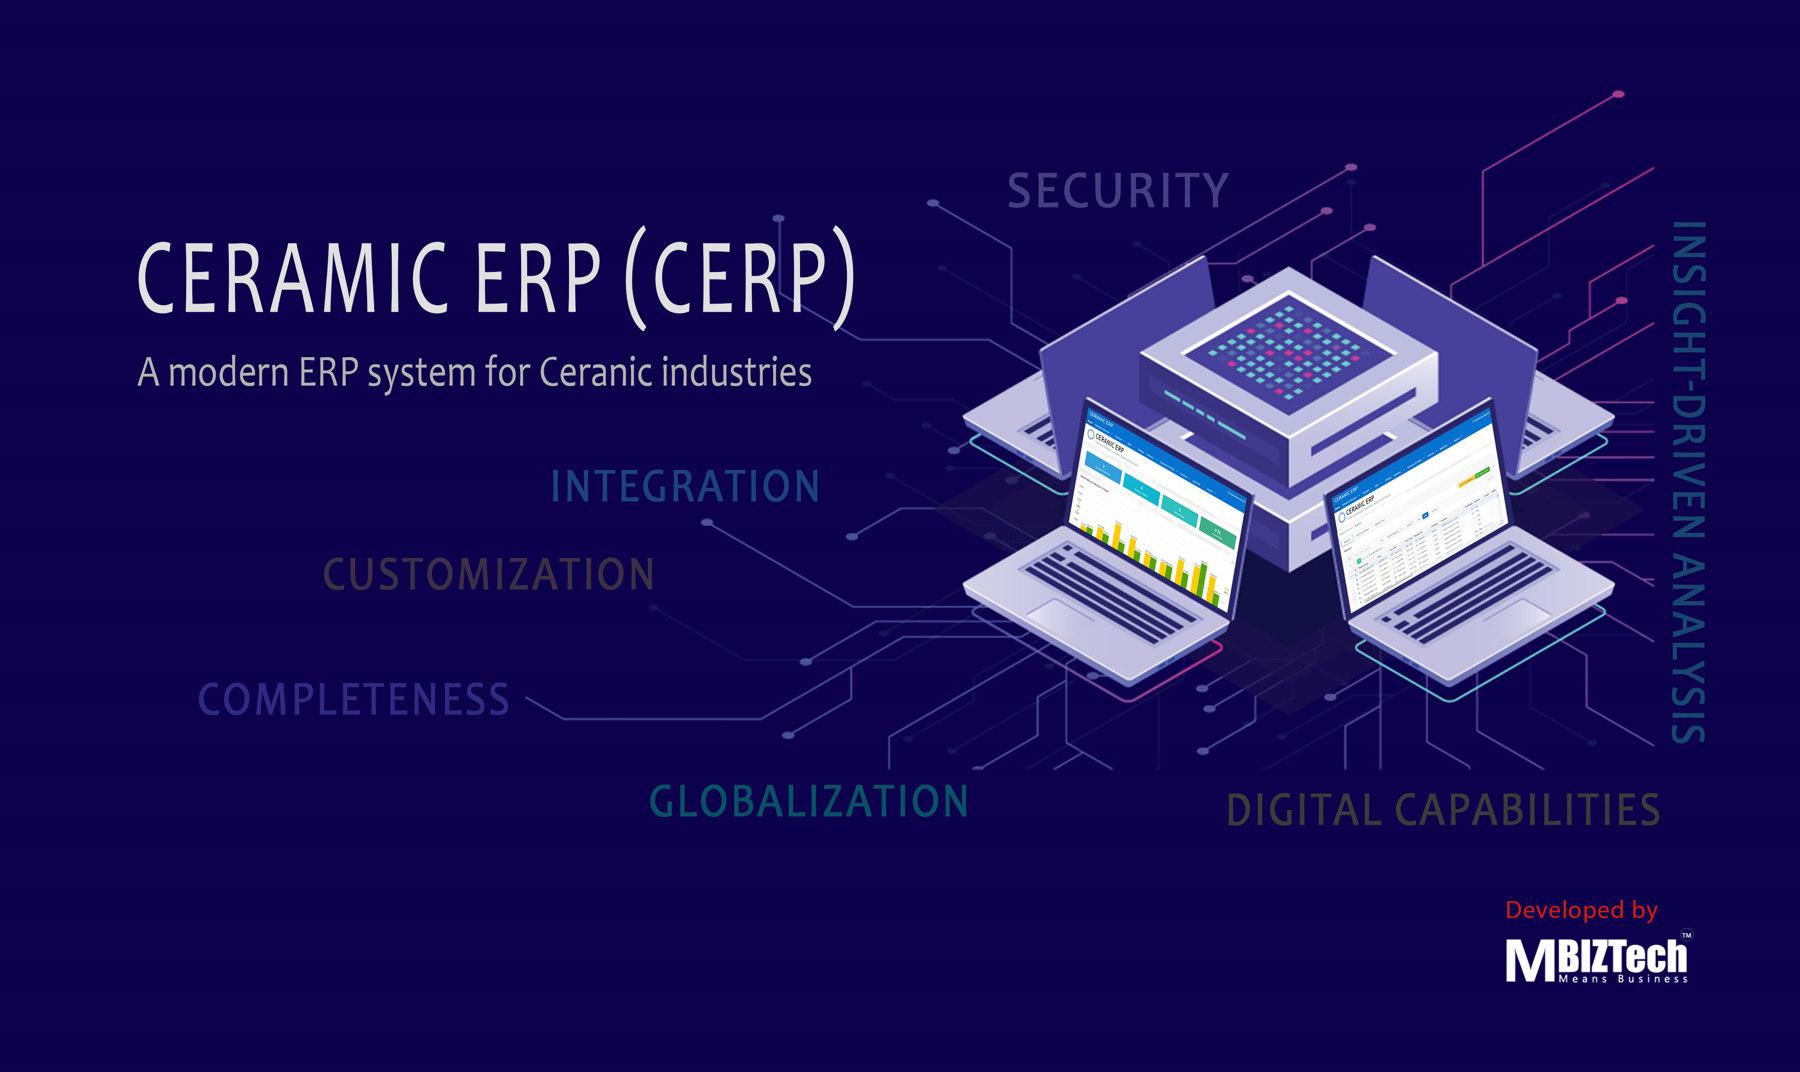 Ceramic ERP